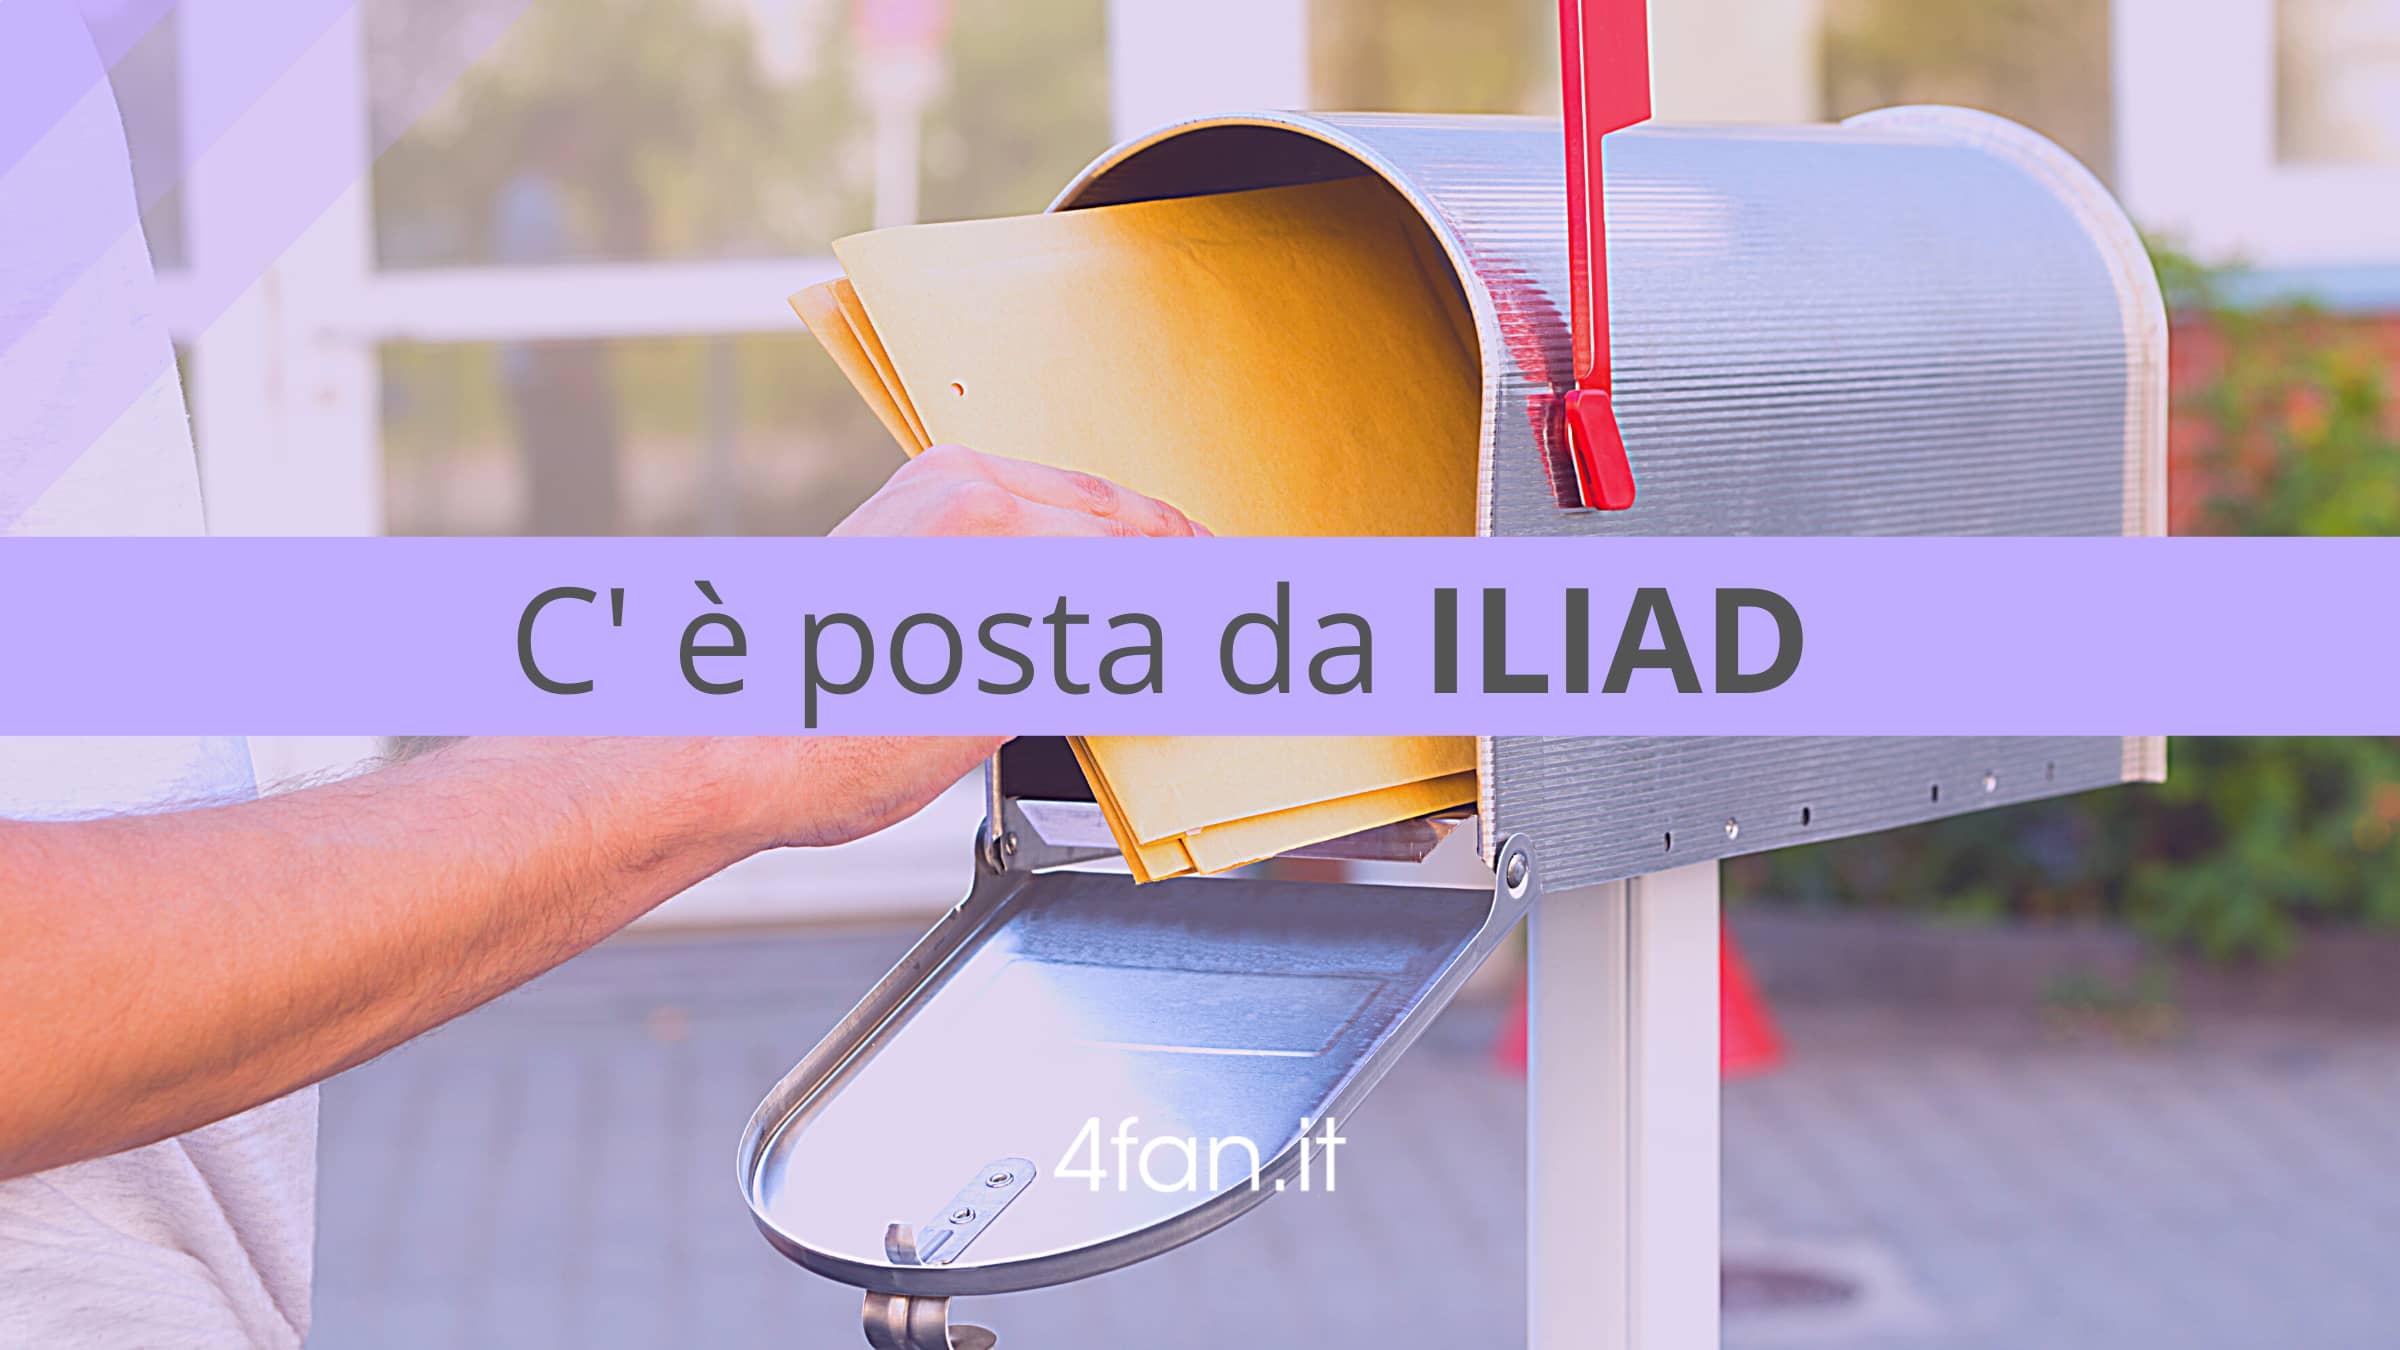 Posta da Iliad